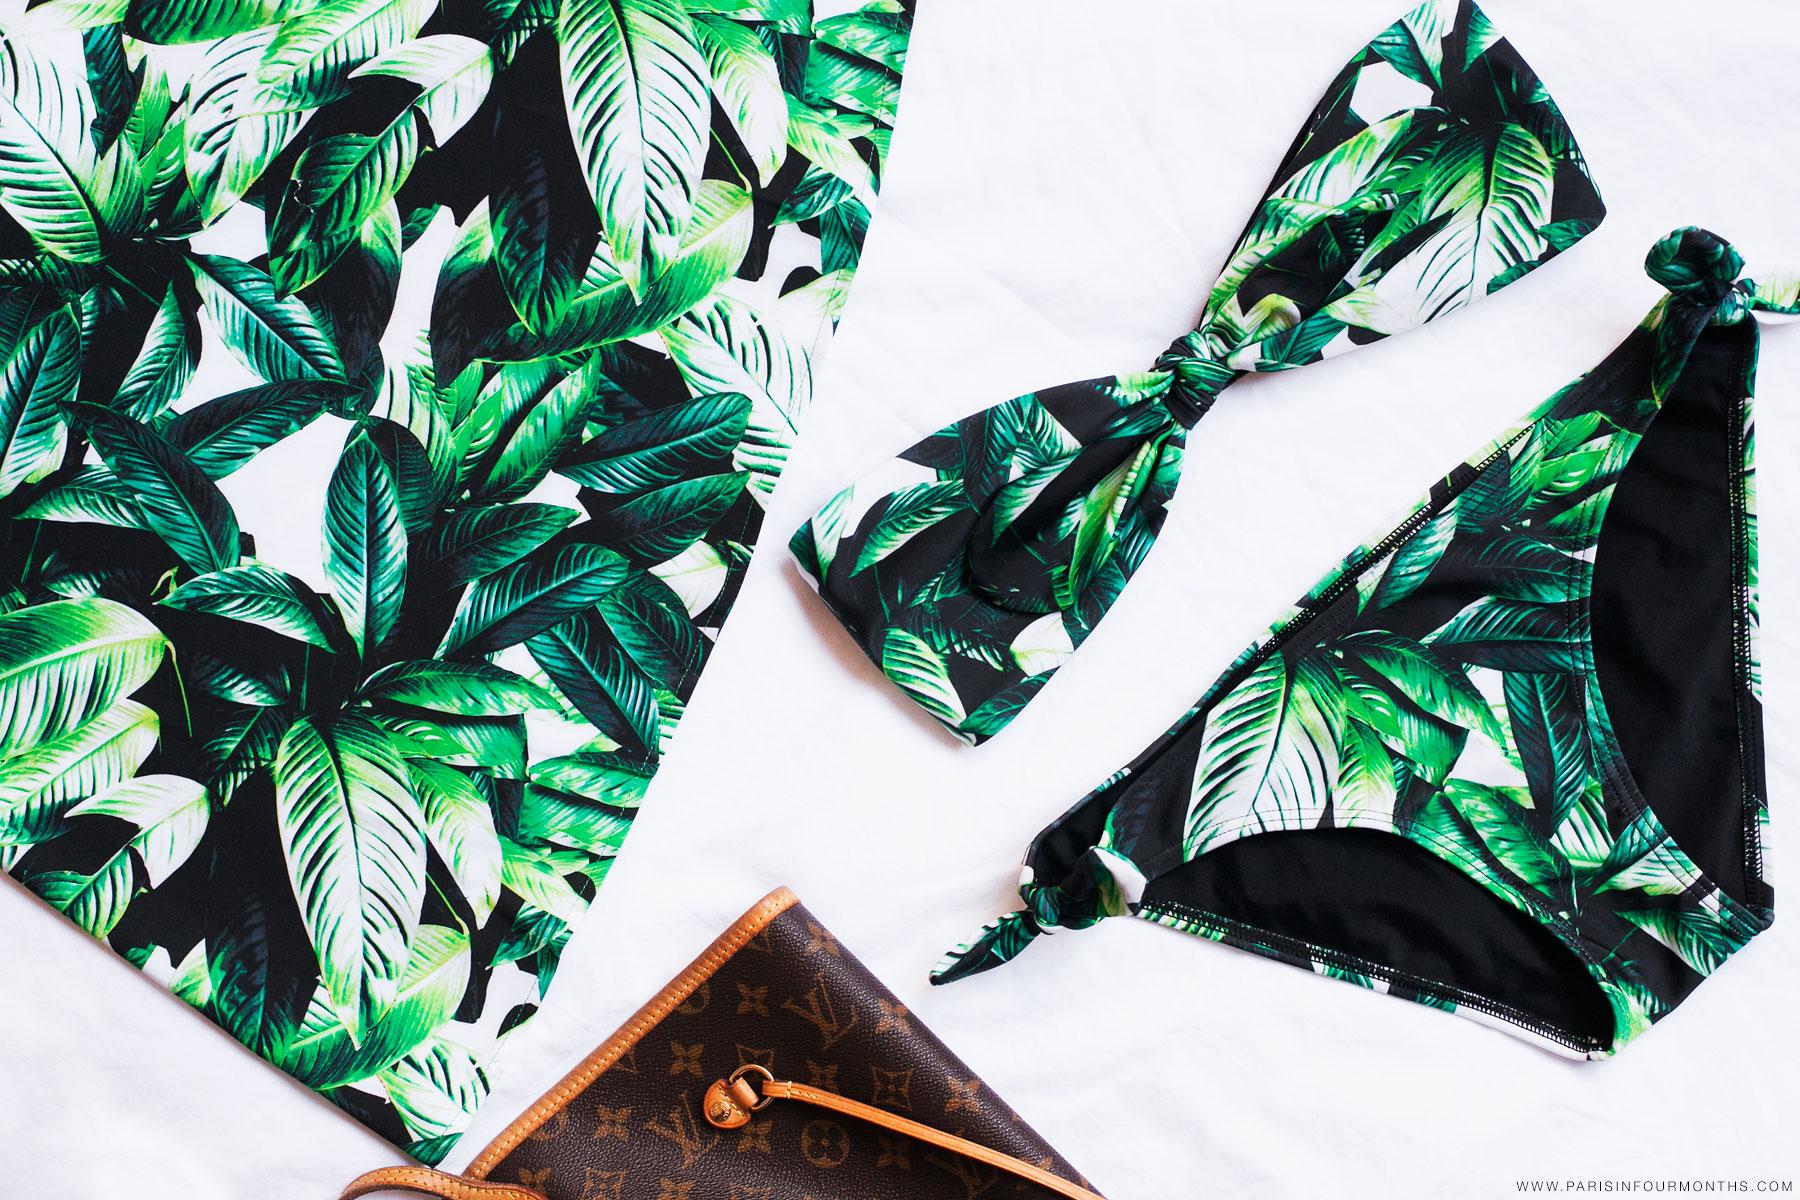 Jungle print bikini by Carin Olsson (Paris in Four Months)